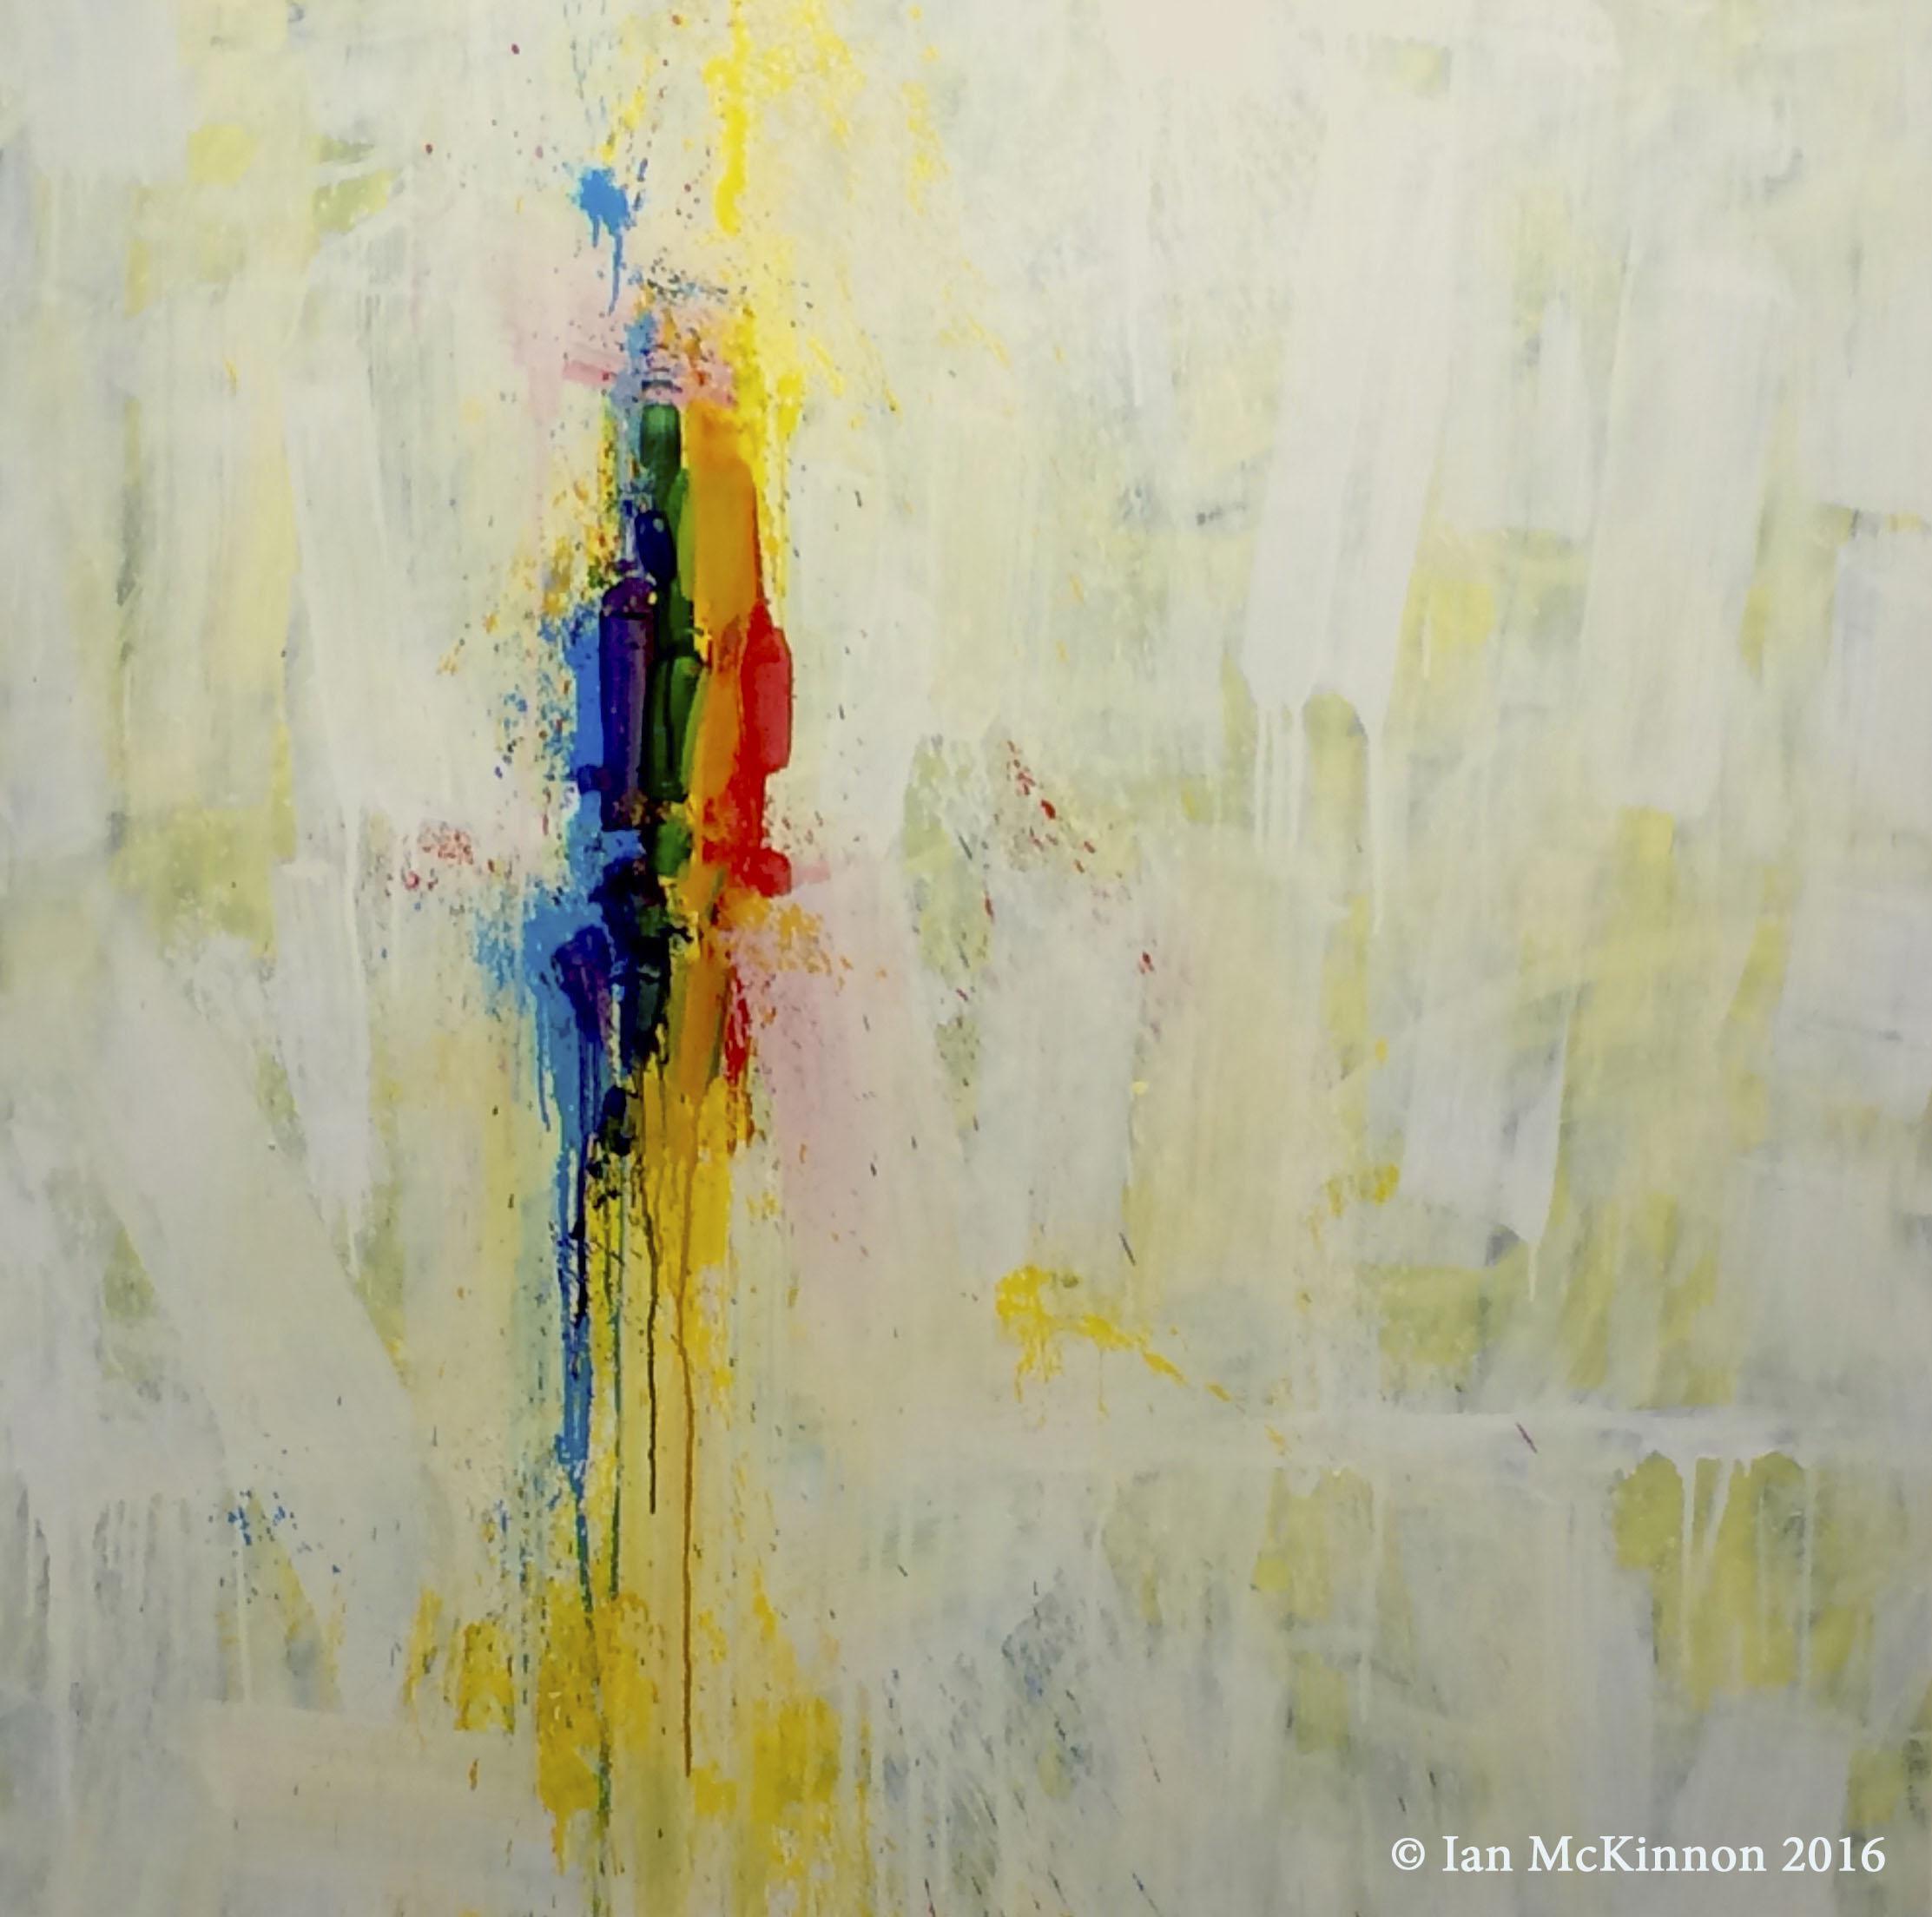 Untitled #71 (written in light) 36 in. x 36 in. oil on w… panel 2016